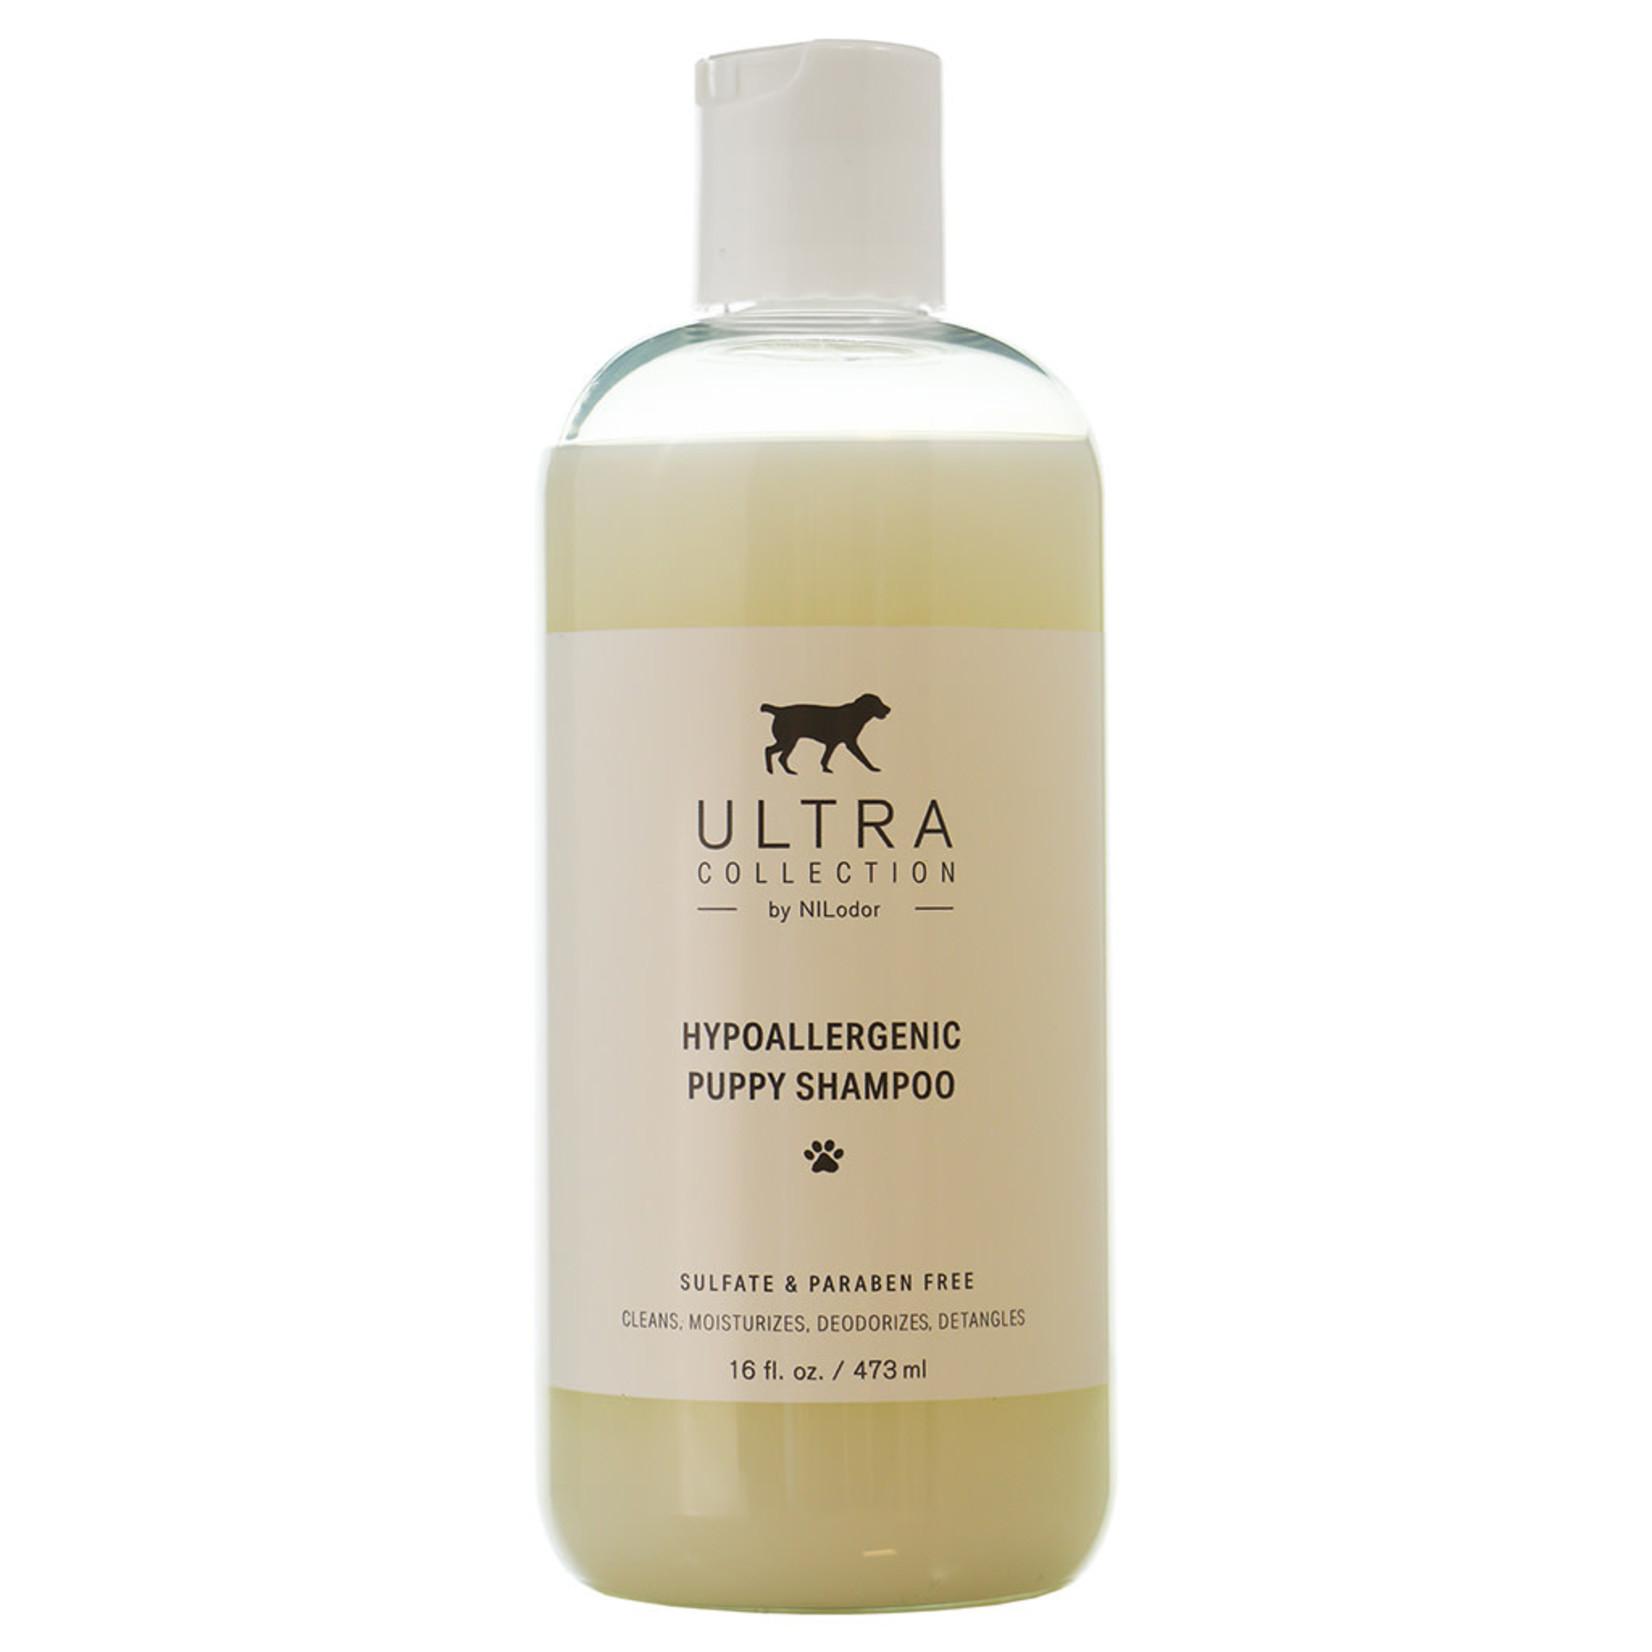 Hypoallergenic Puppy Shampoo 16OZ